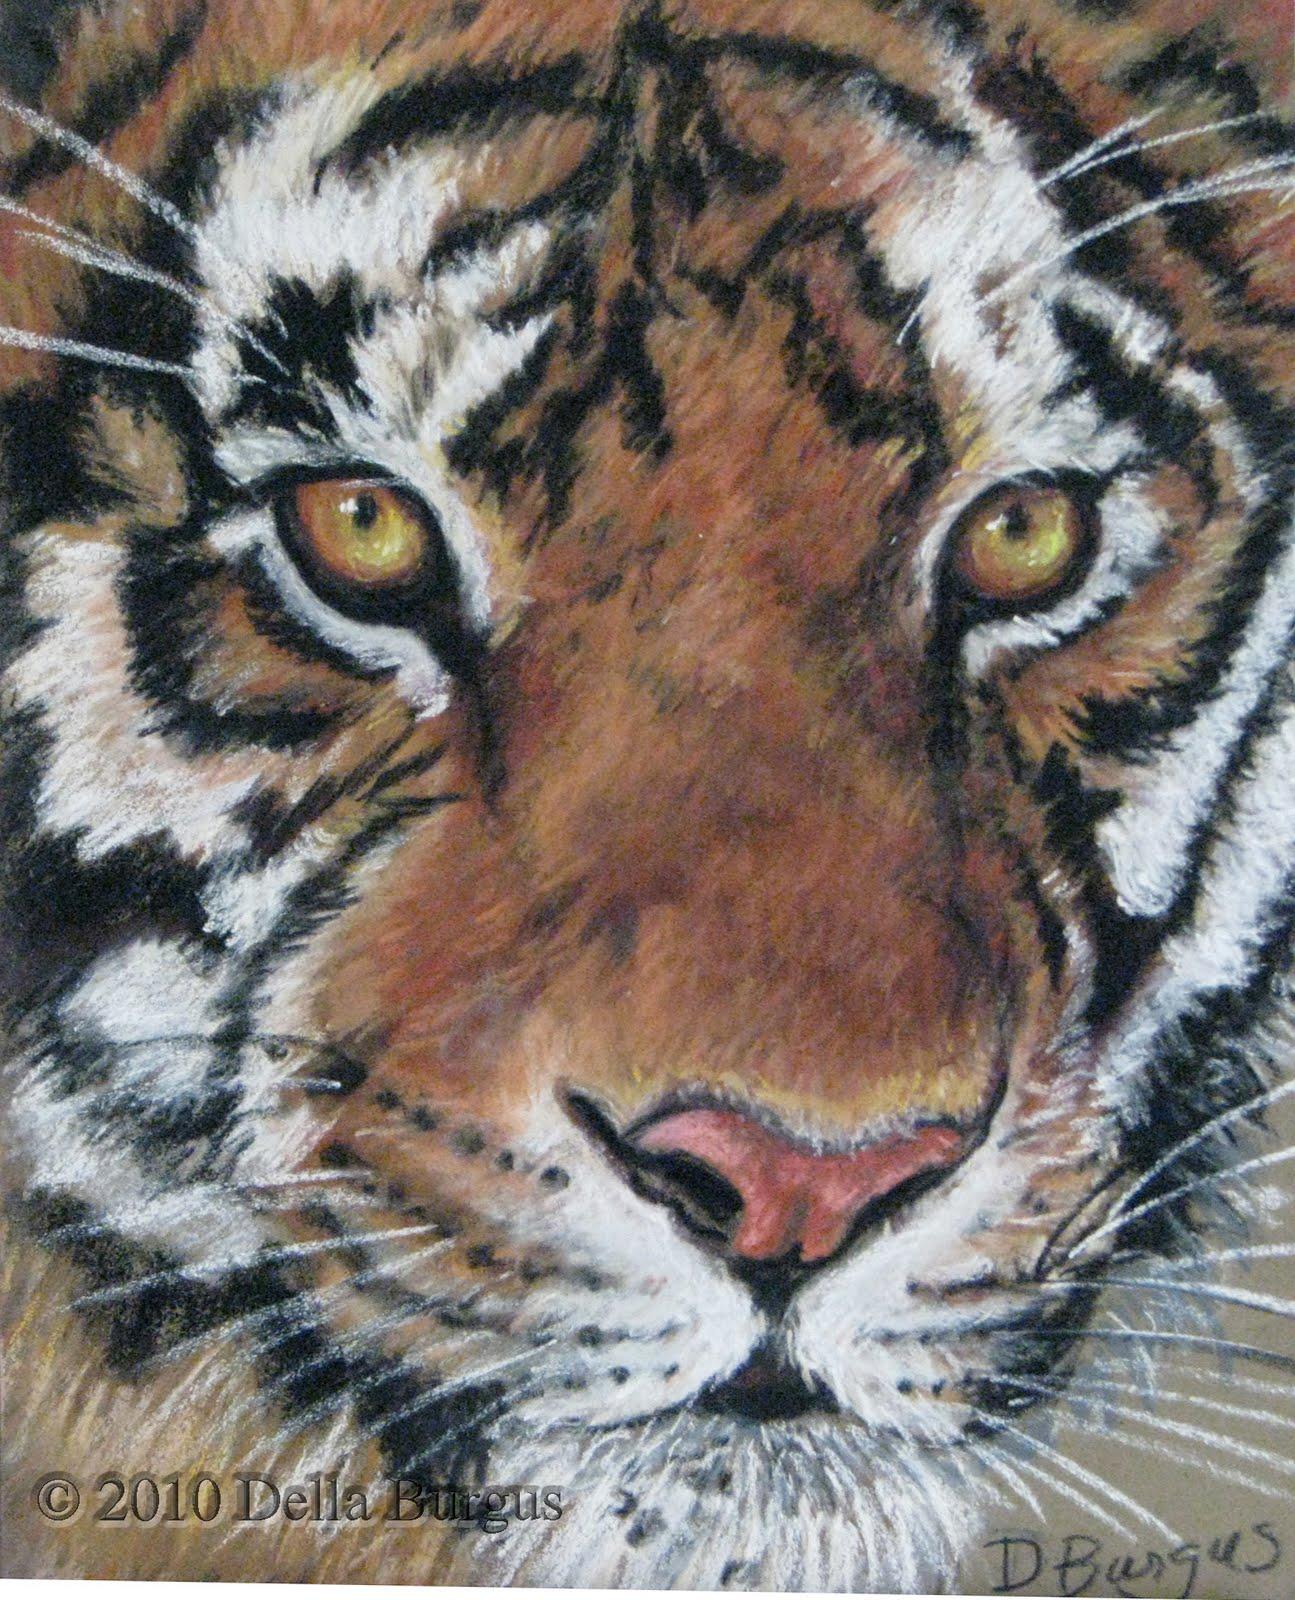 http://4.bp.blogspot.com/_gu29c8DbubA/TBaAeB8nT0I/AAAAAAAAAtA/sqb3zOPYKZU/s1600/tiger%2Beyes.jpg